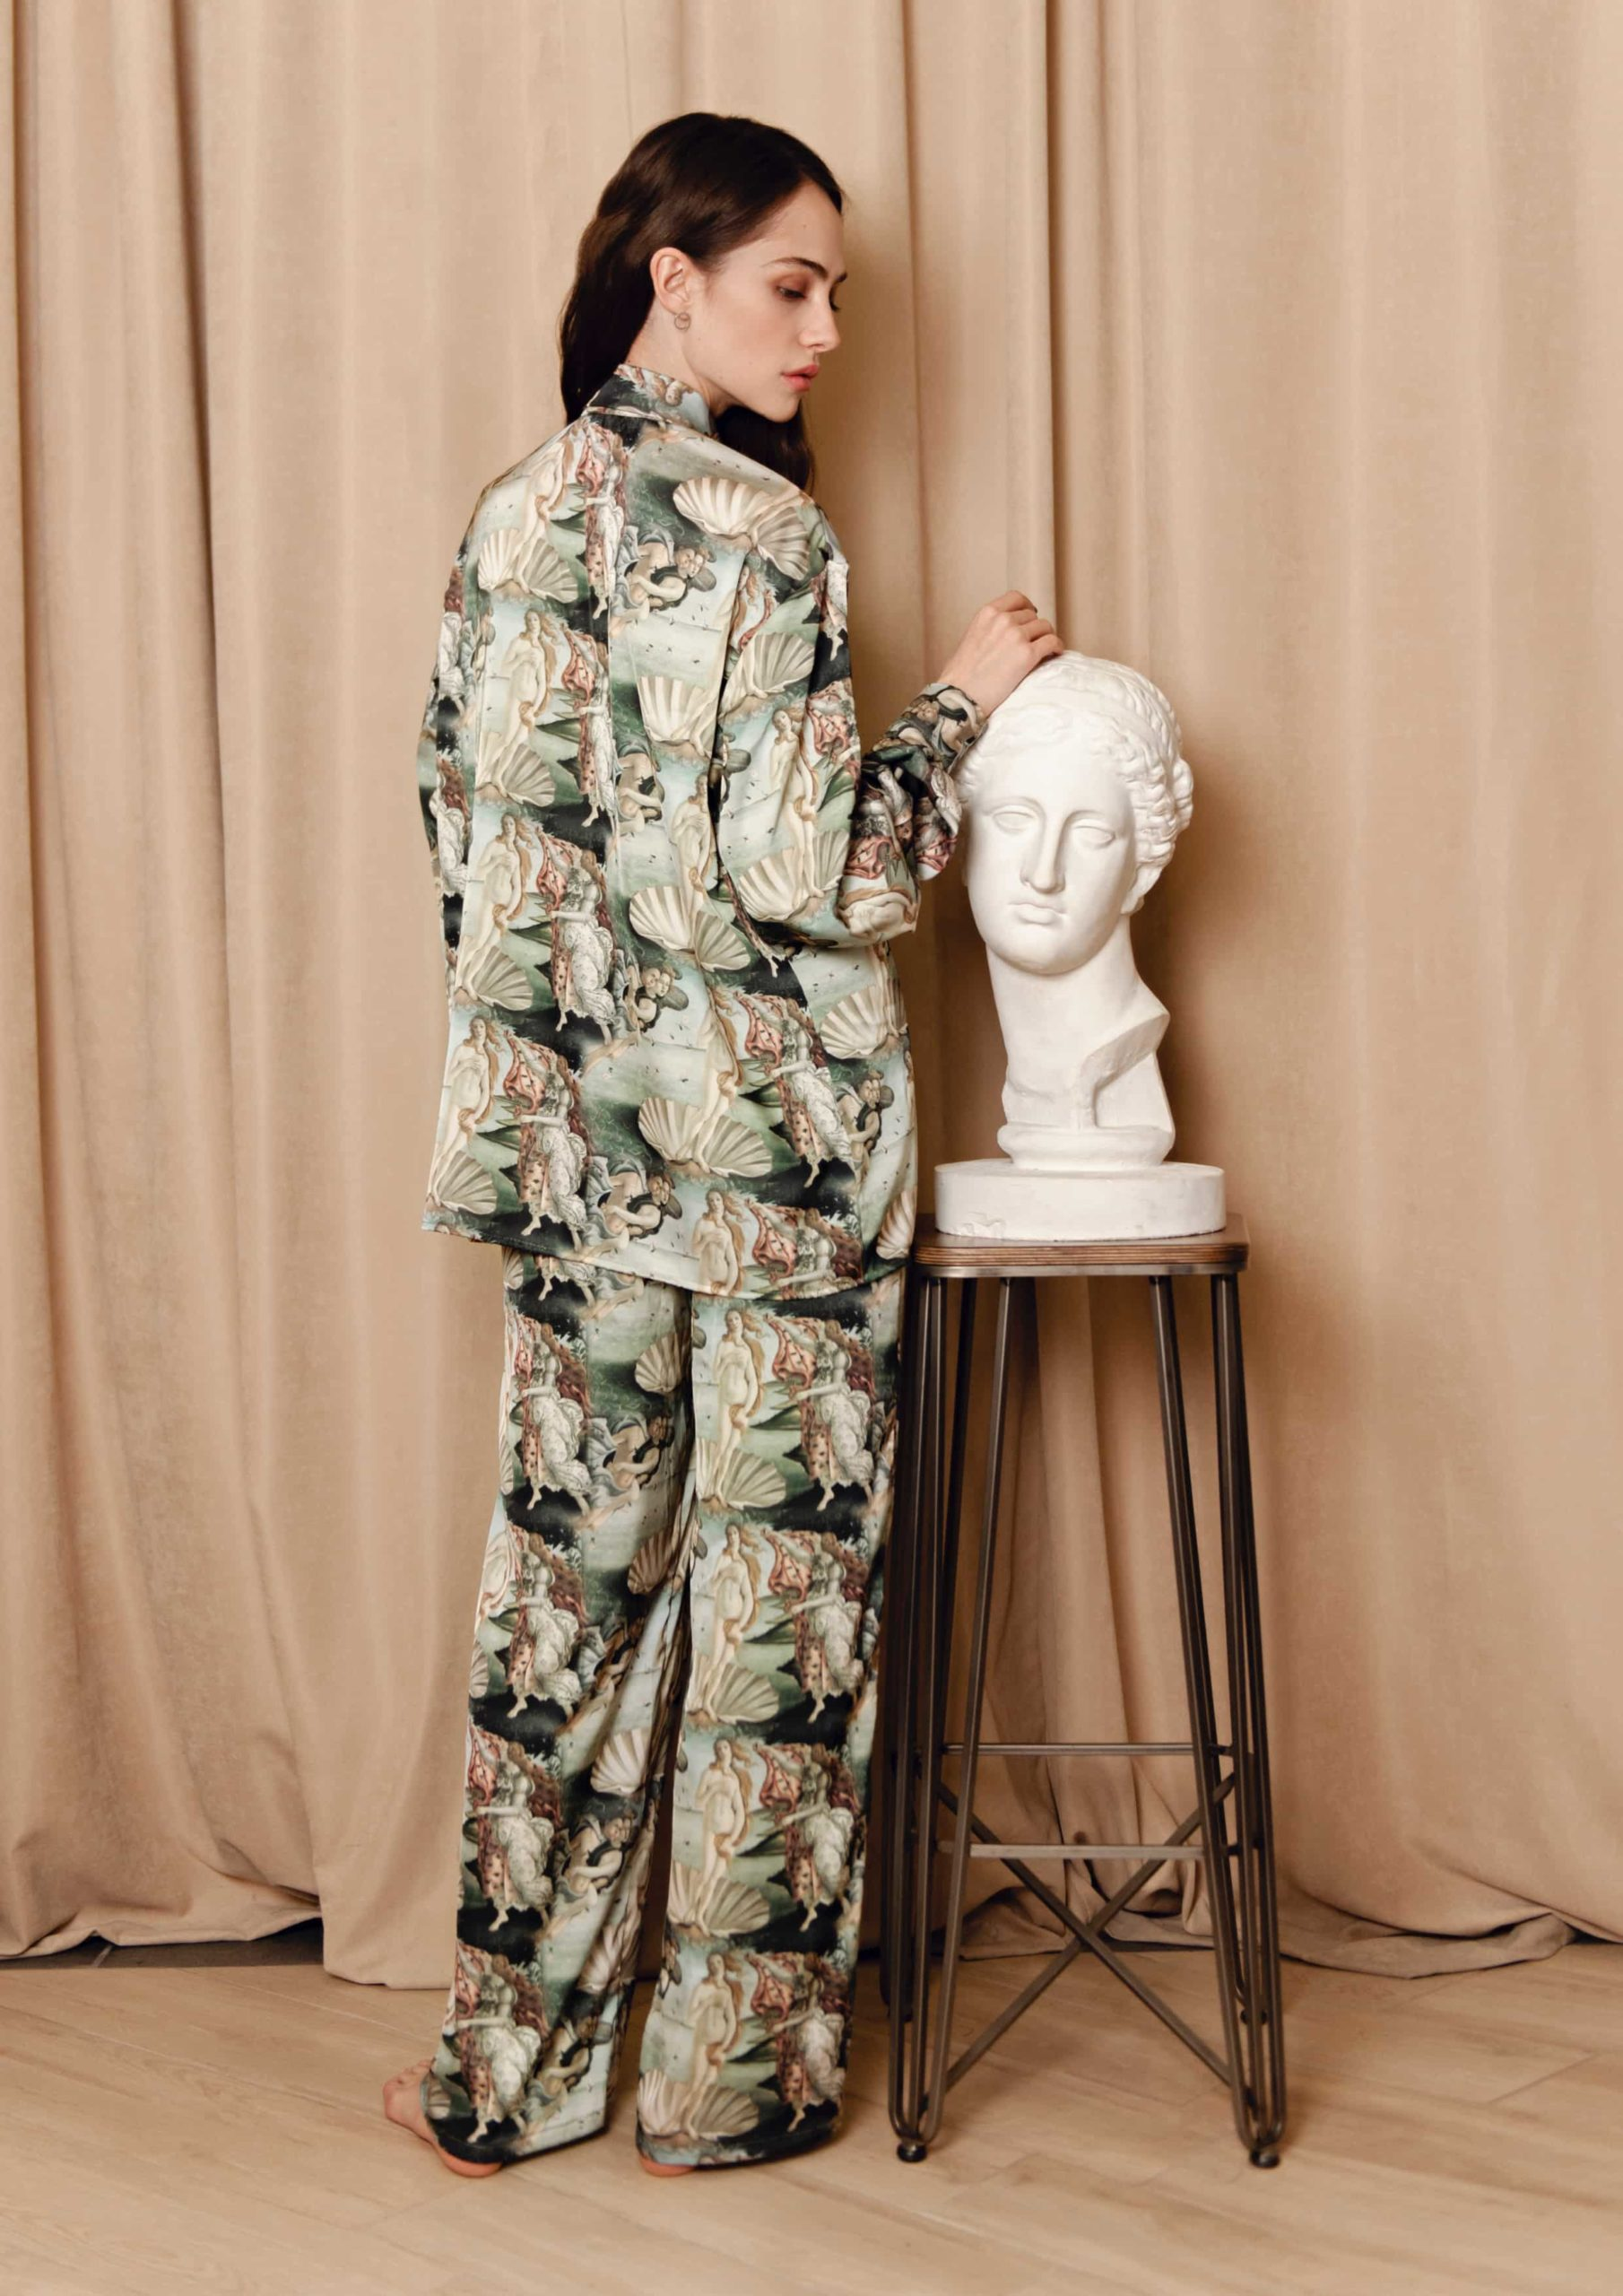 Venus Loungewear Set Muse Loungewear Set La musa elegant Silk satin